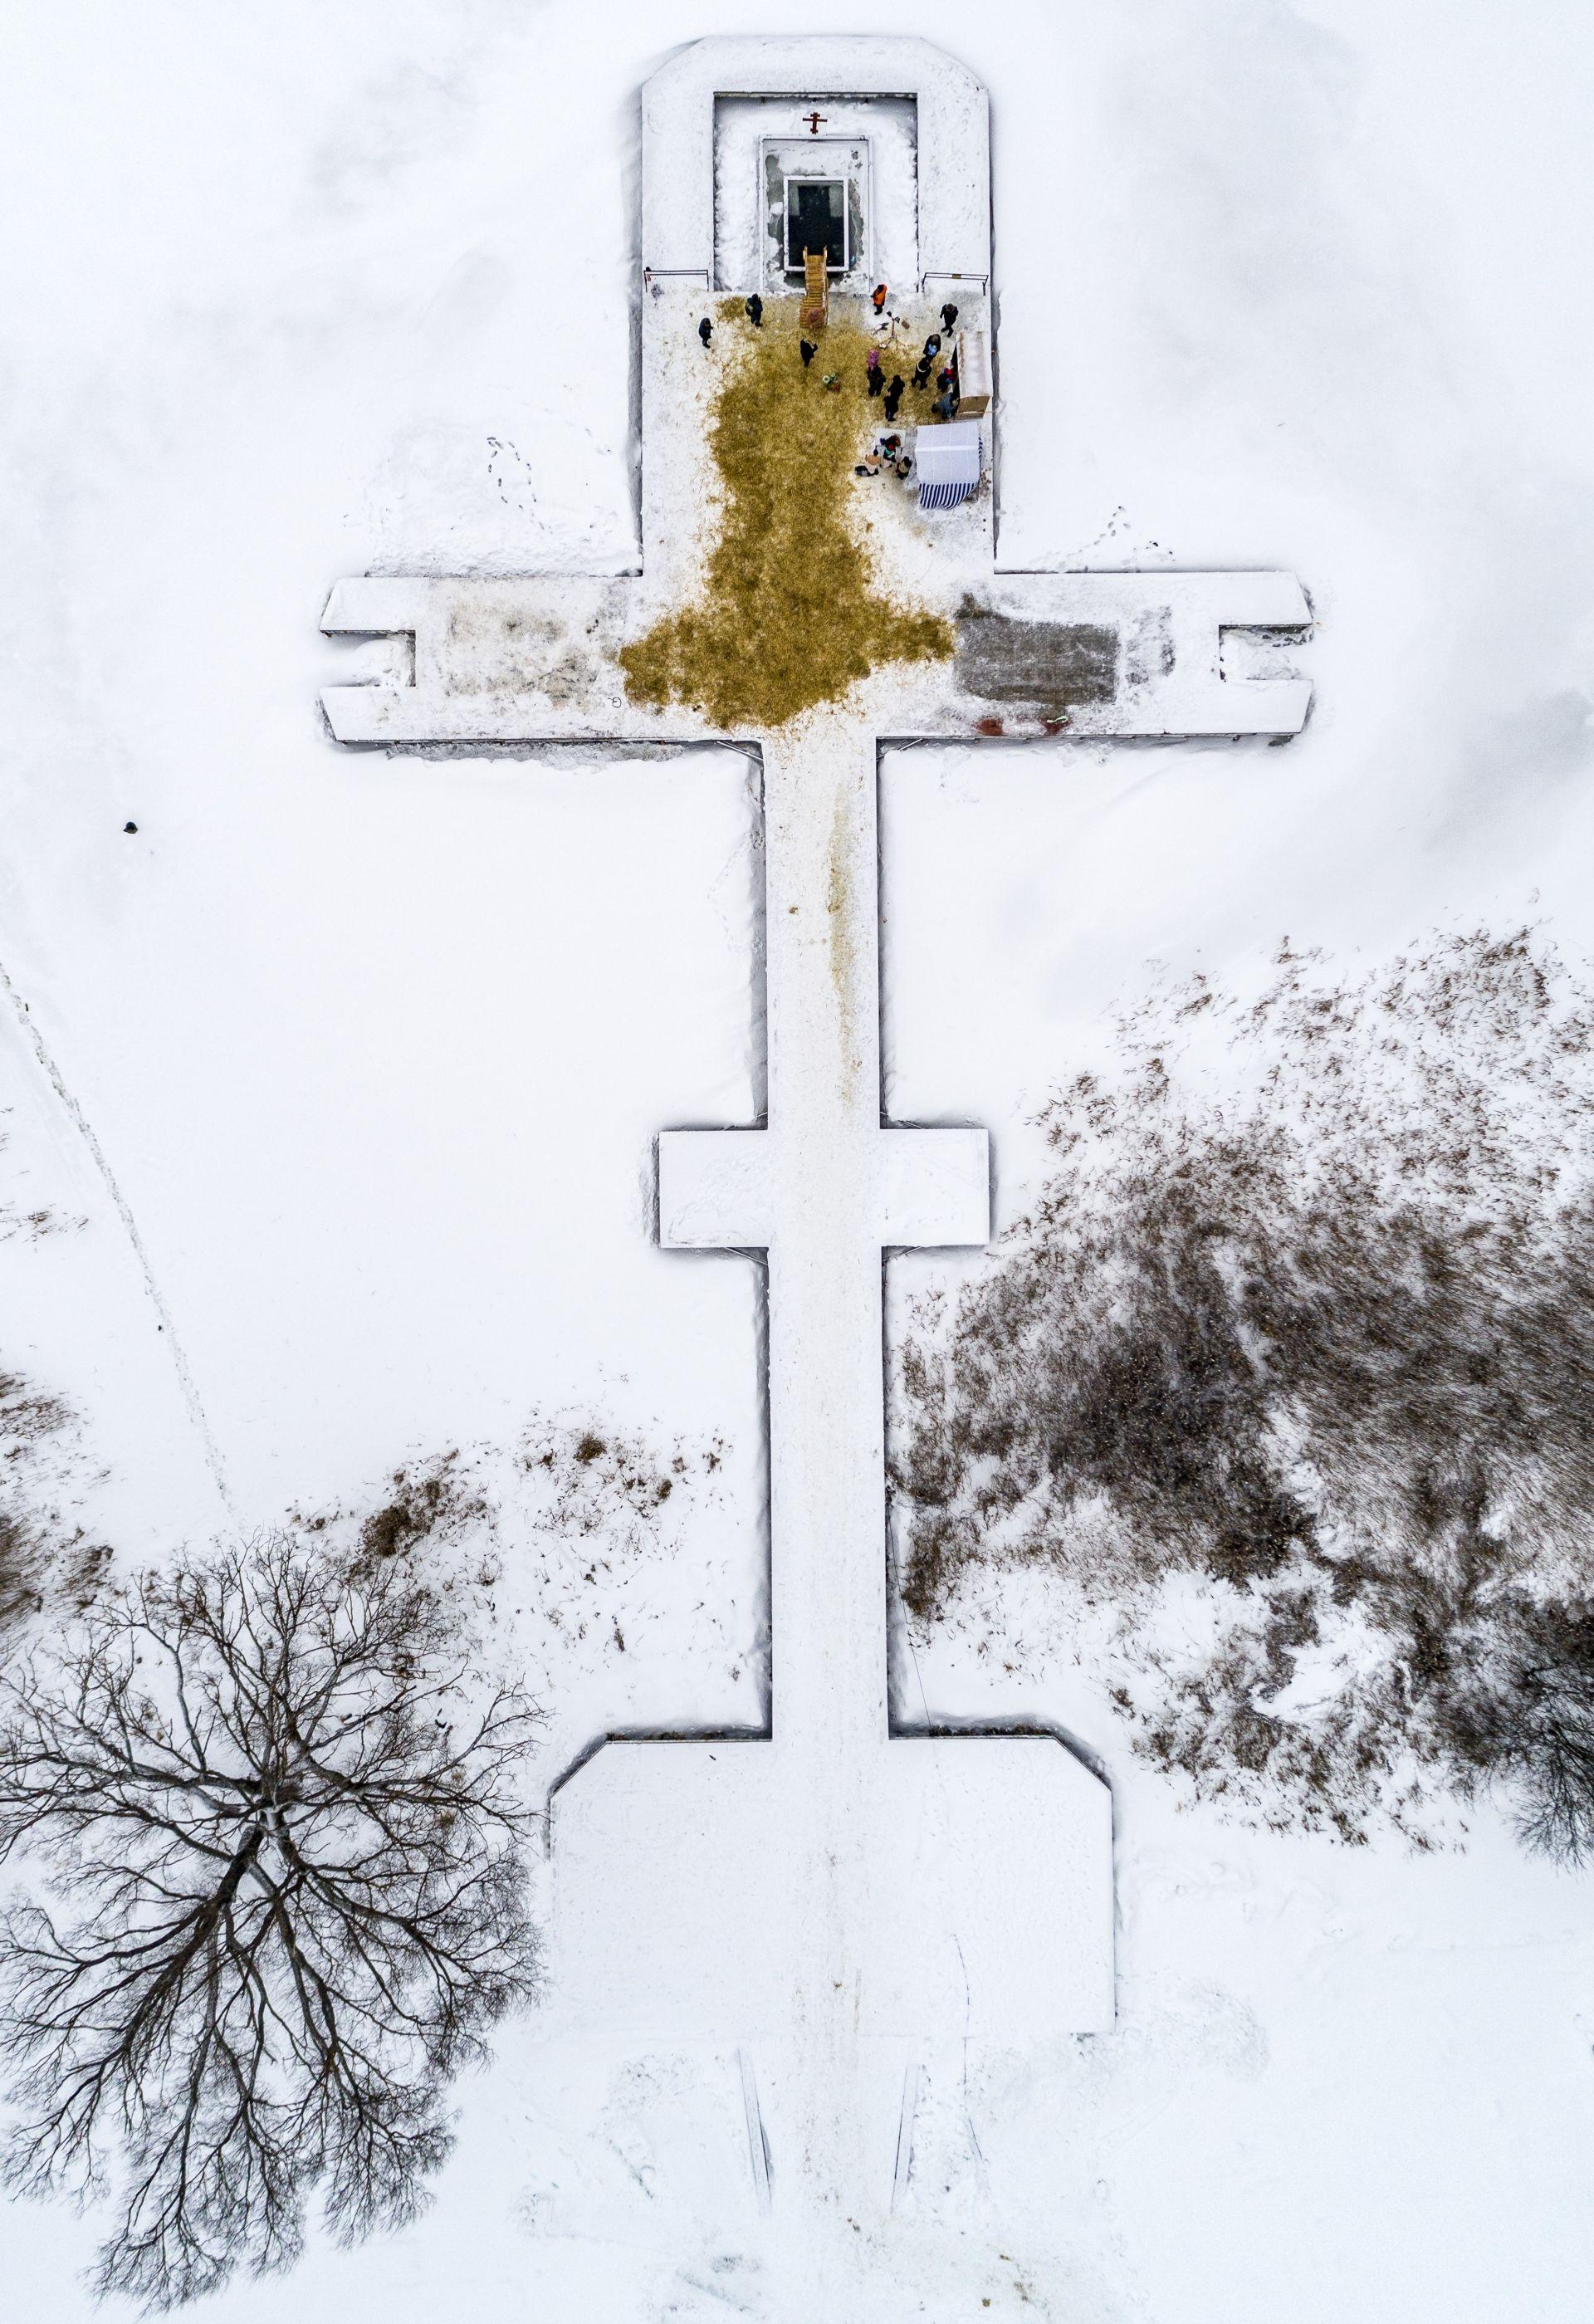 Руските православни вярващи се къпят в ледената вода на Богоявление в манастира Йосиф-Волоколамск, извън Волоколамск, на 130 км западно от Москва, Русия